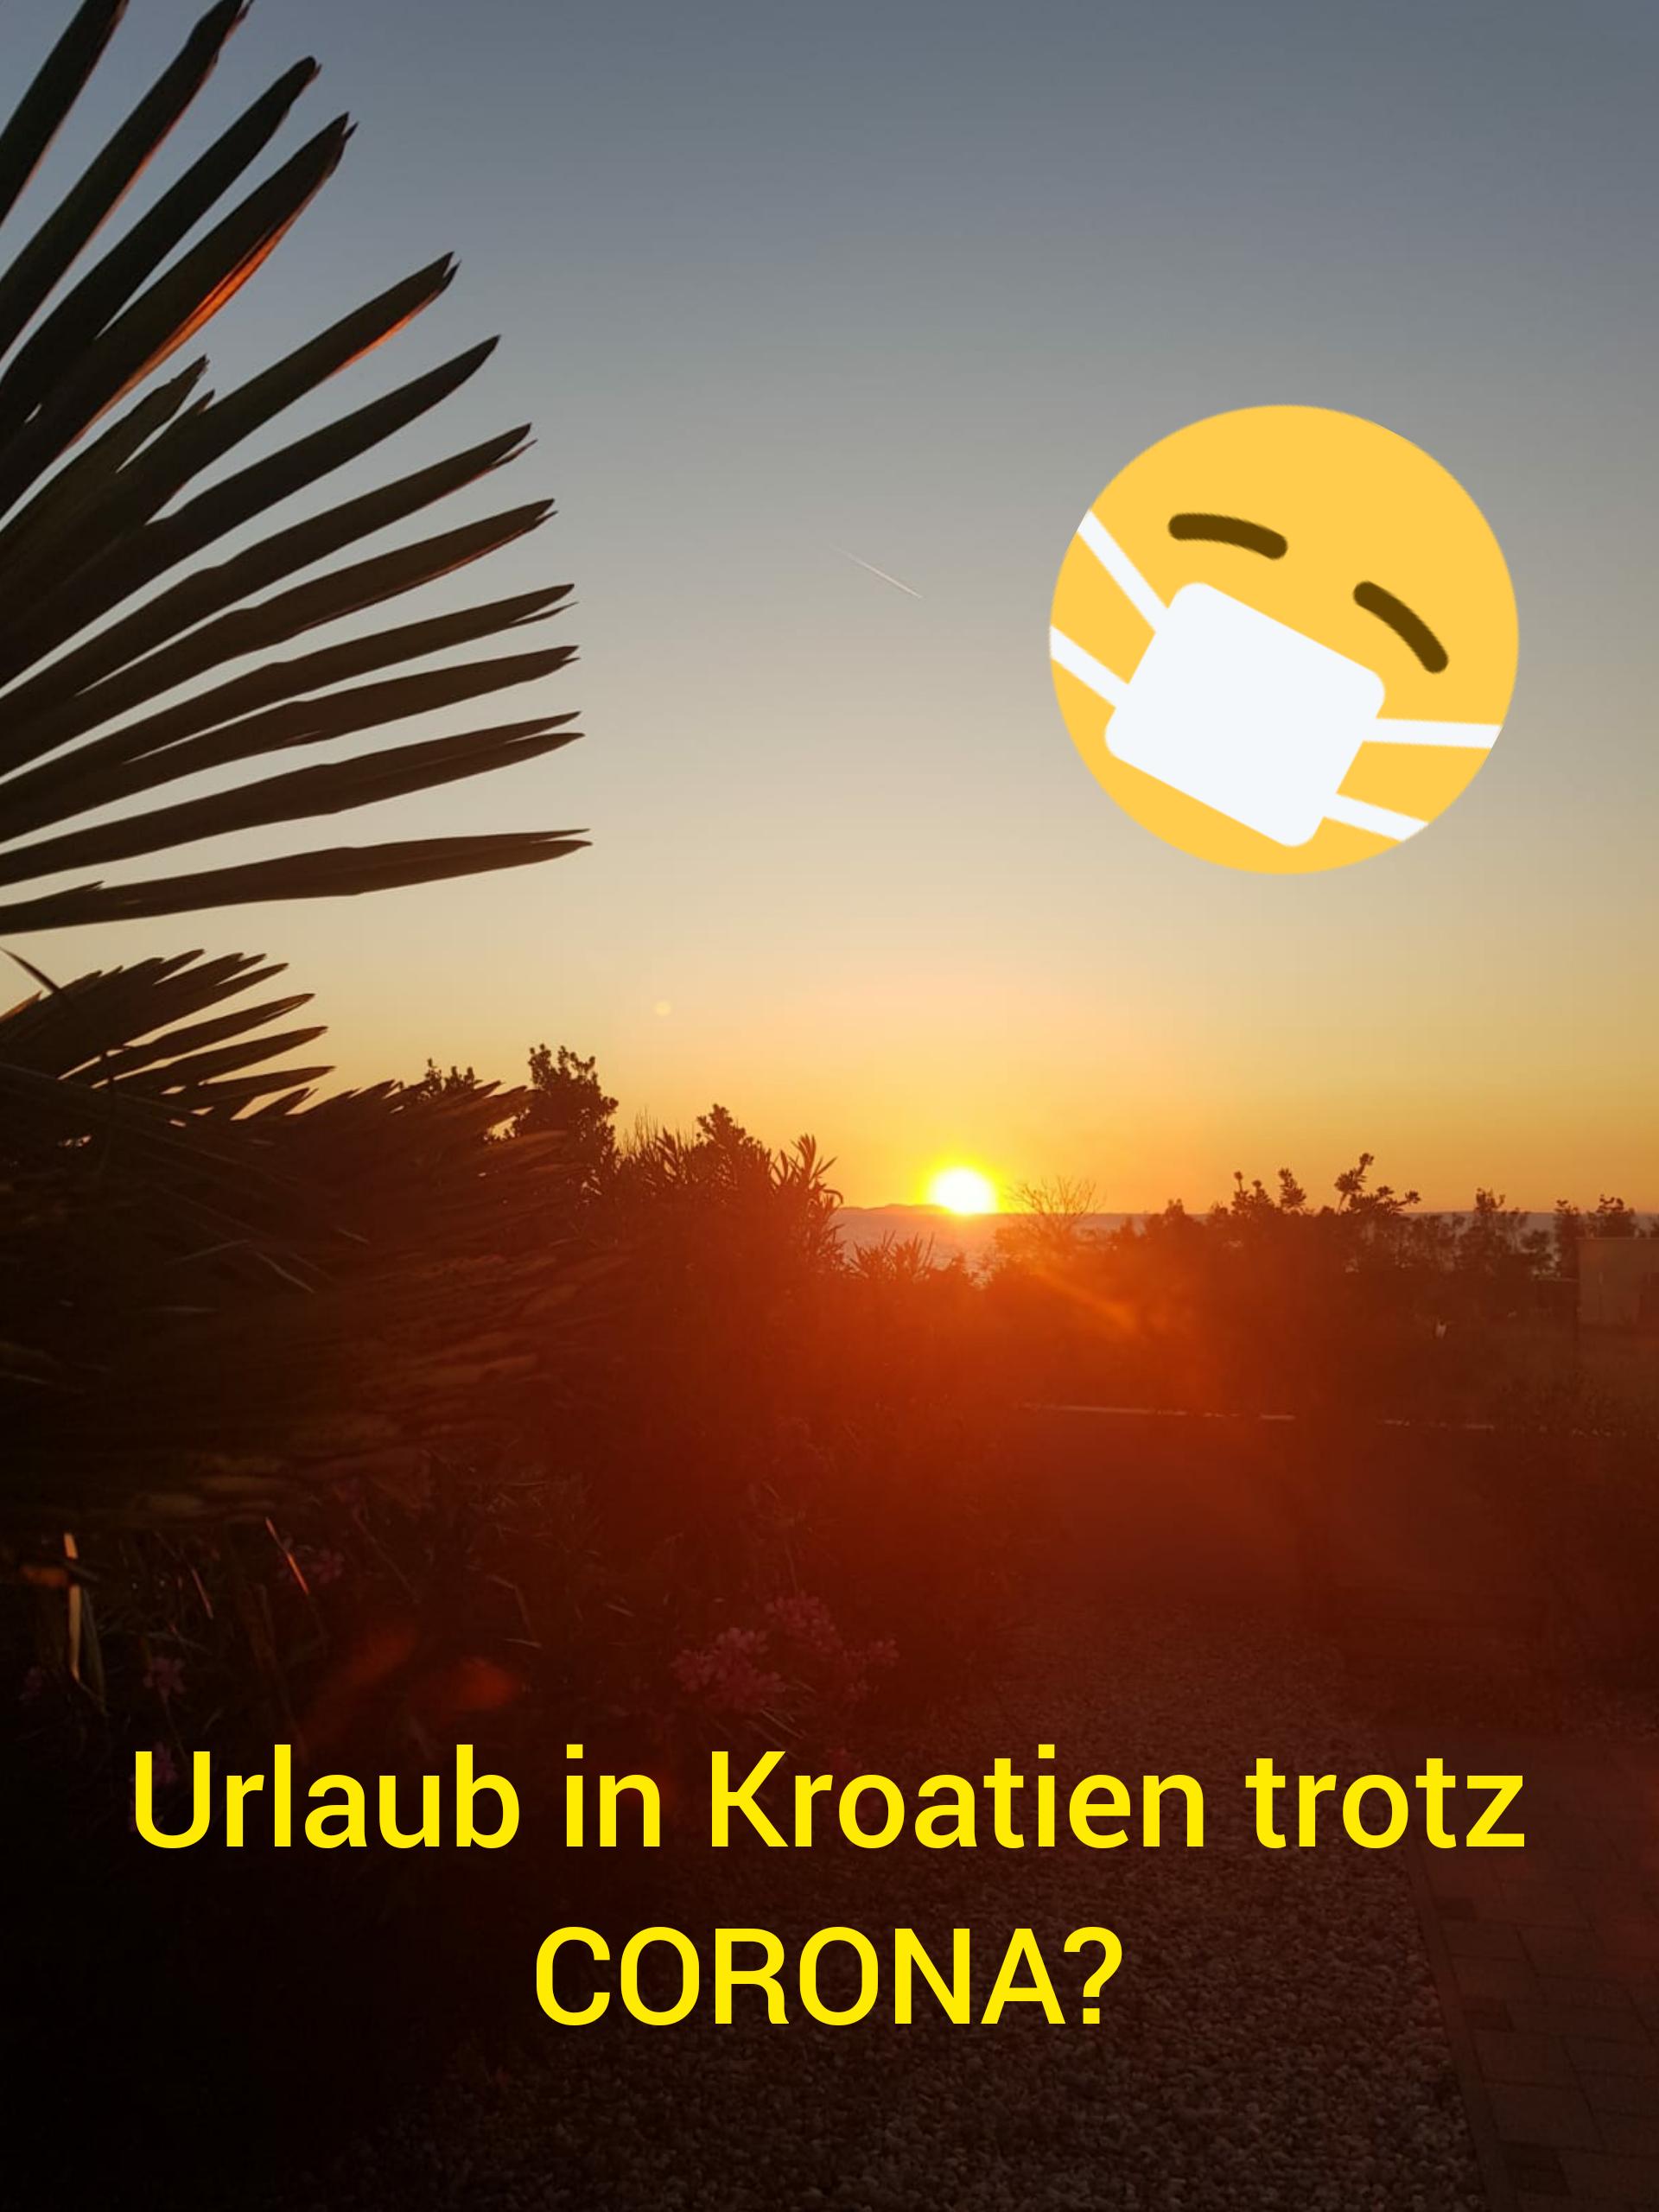 Urlaub in Kroatien trotz Corona?